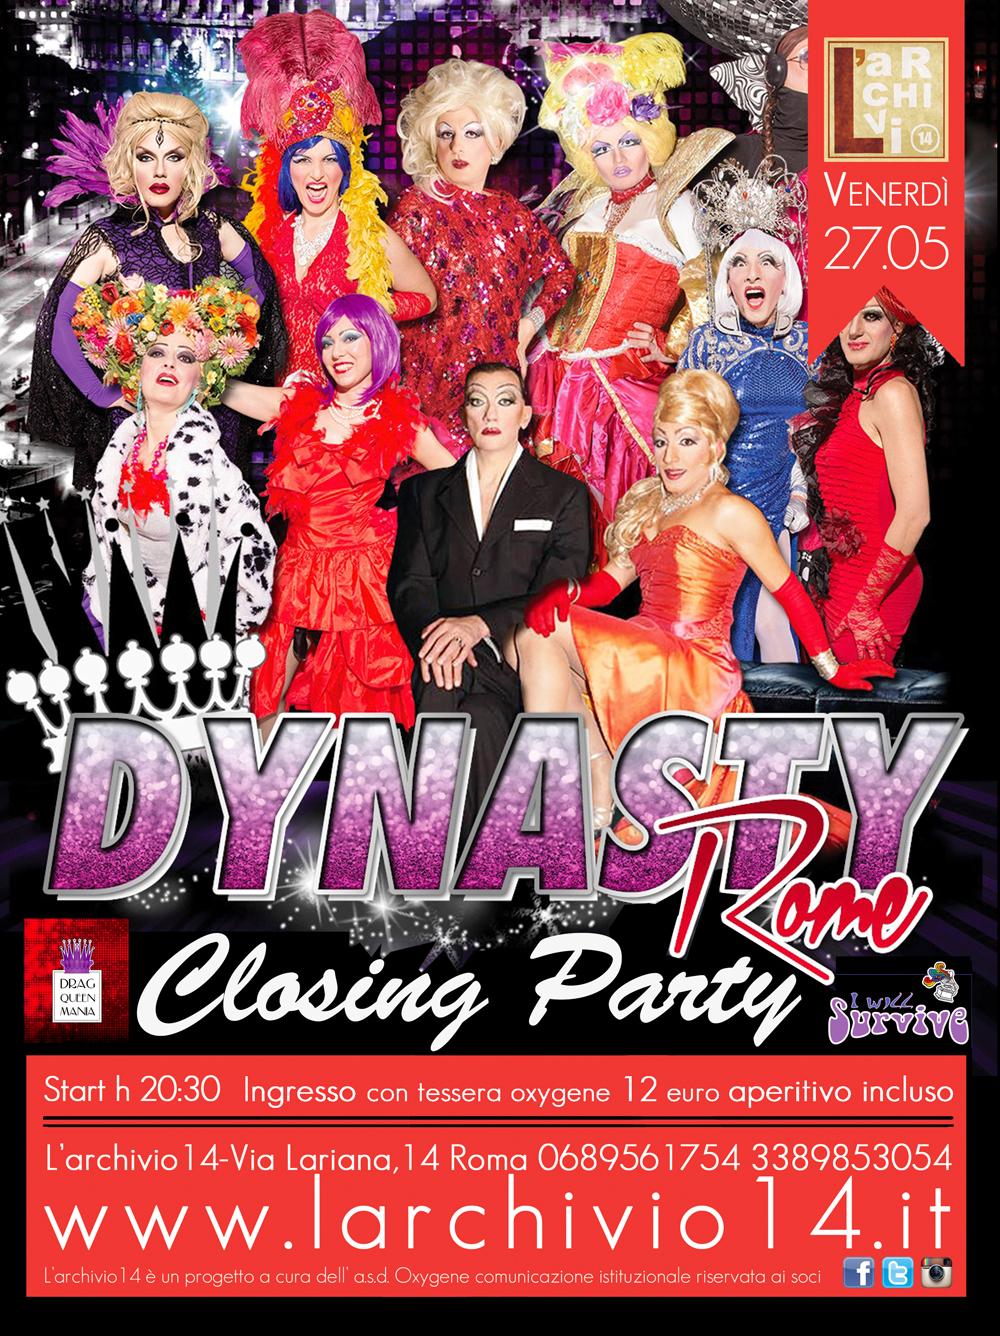 Closing Party </br> 27 maggio ore 20:30